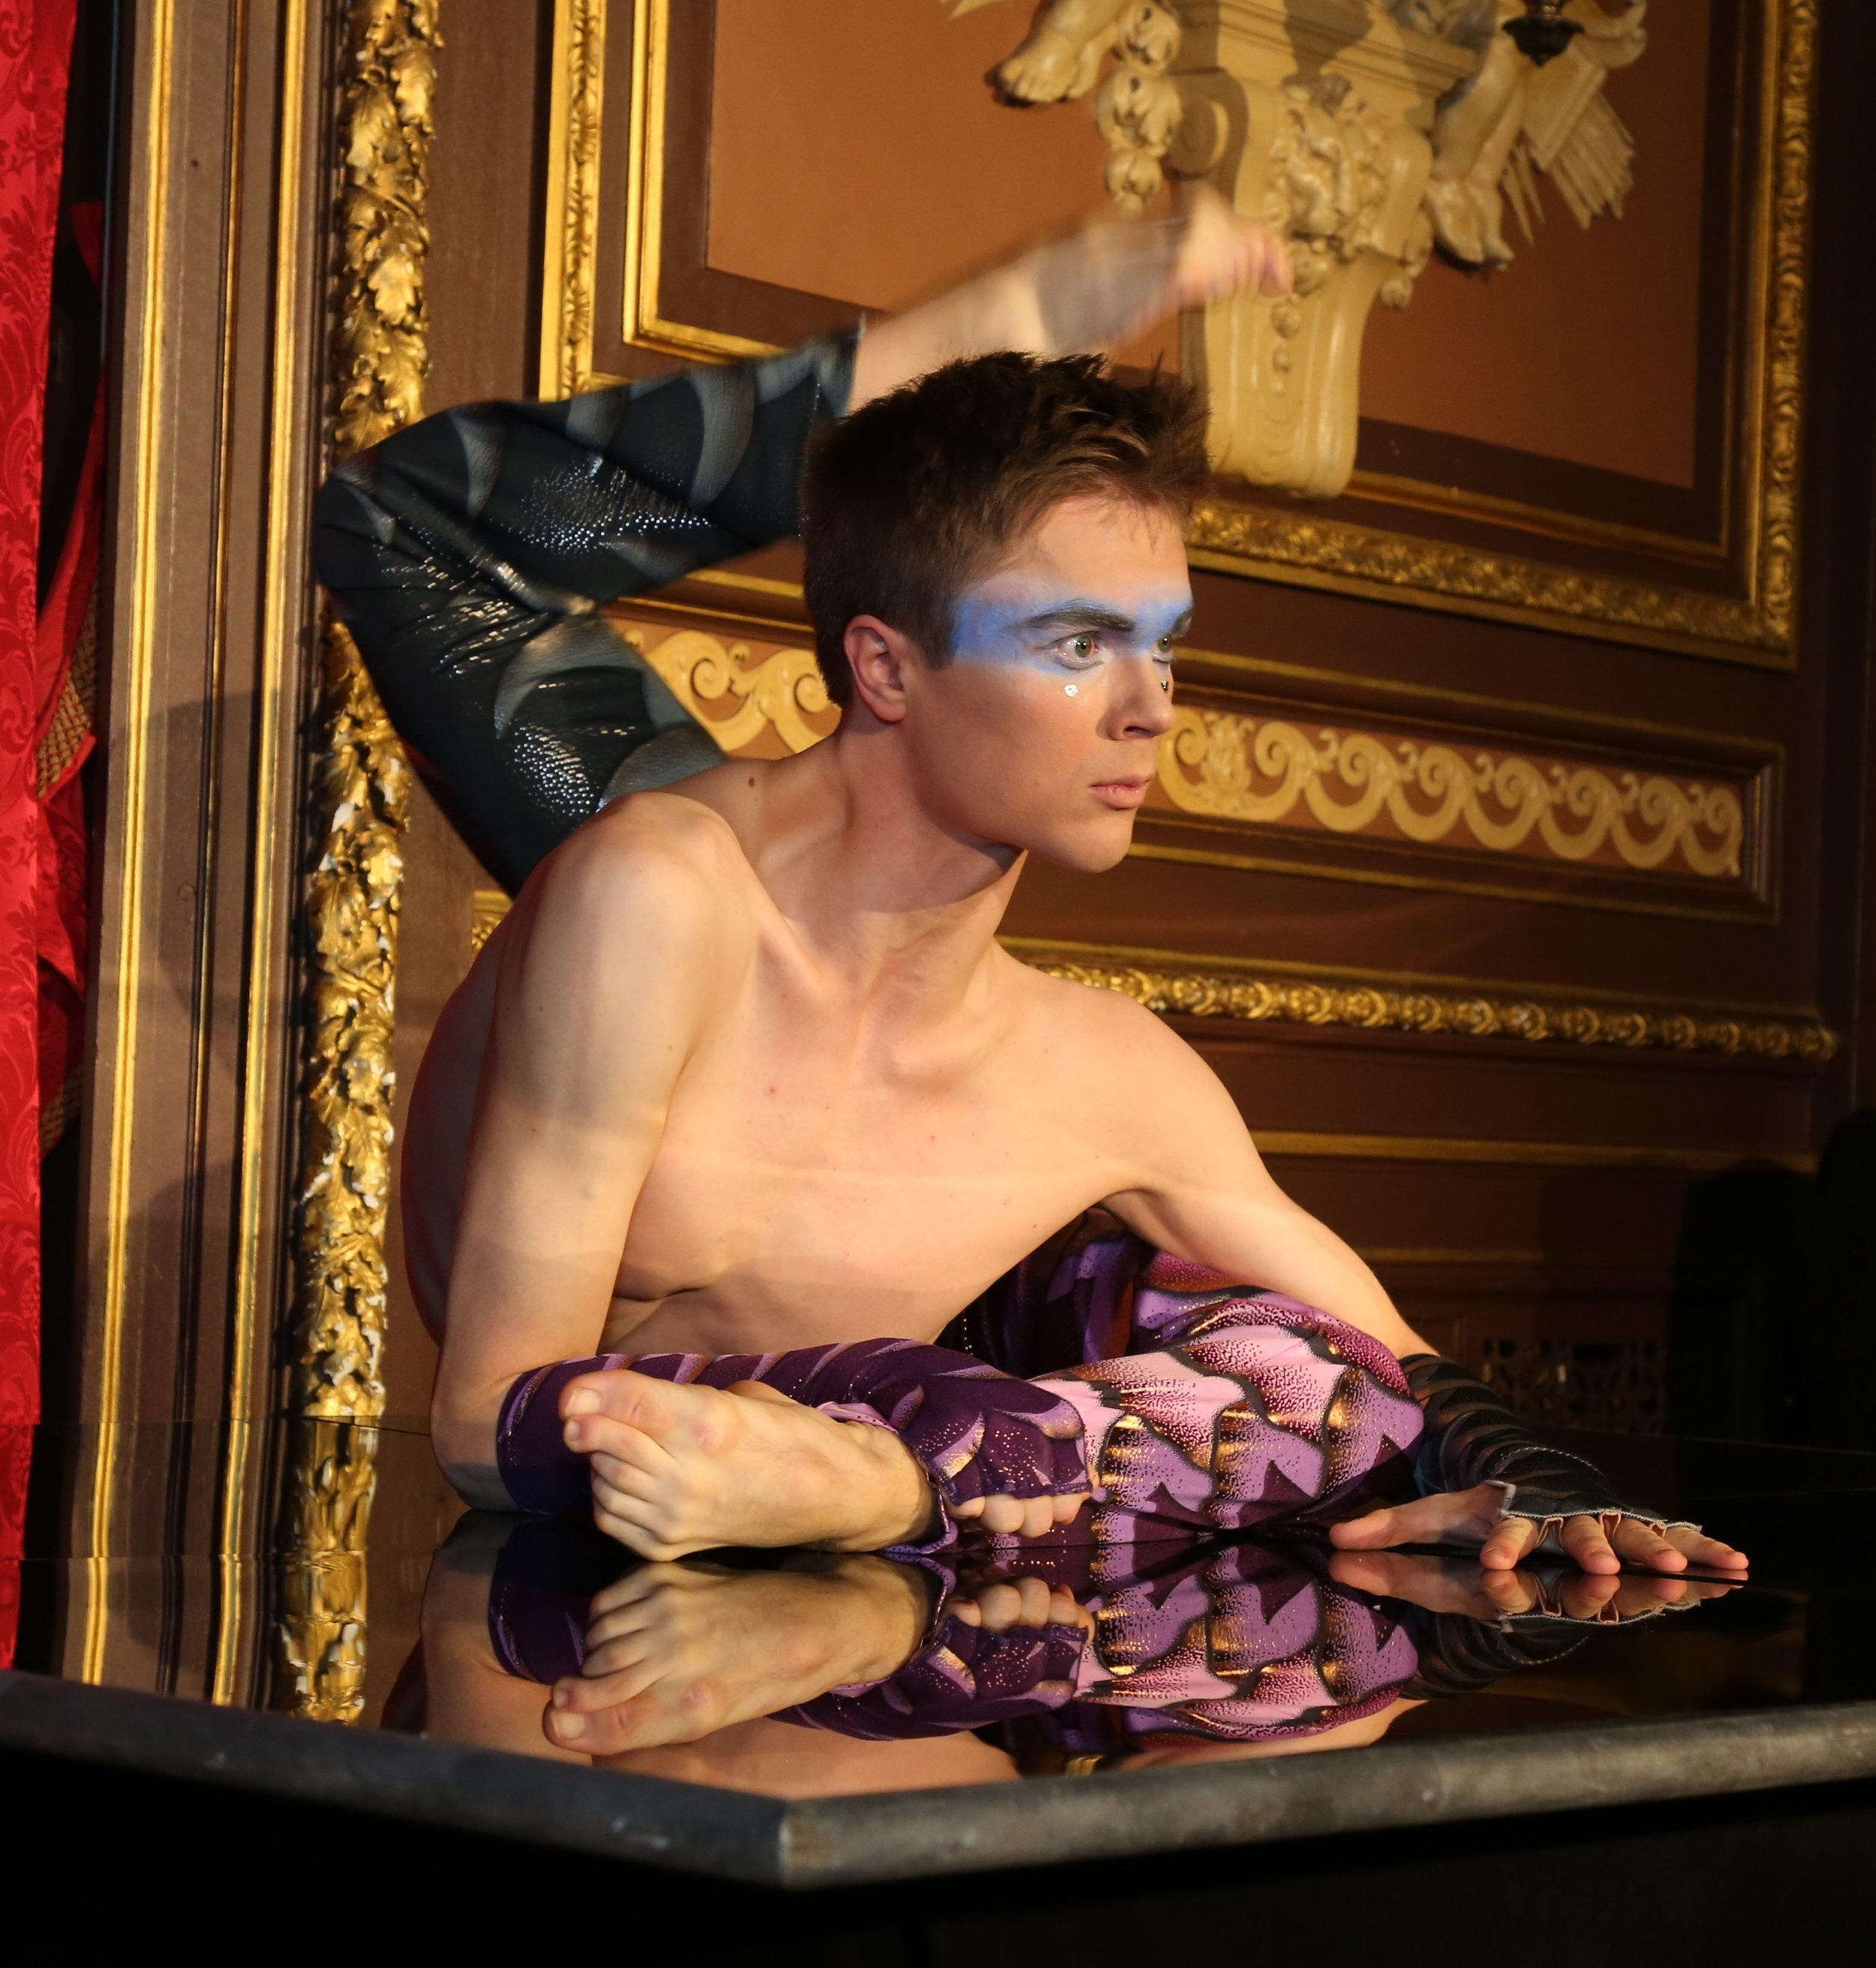 Aleksei Goloborodlo, Cirque du Soleil